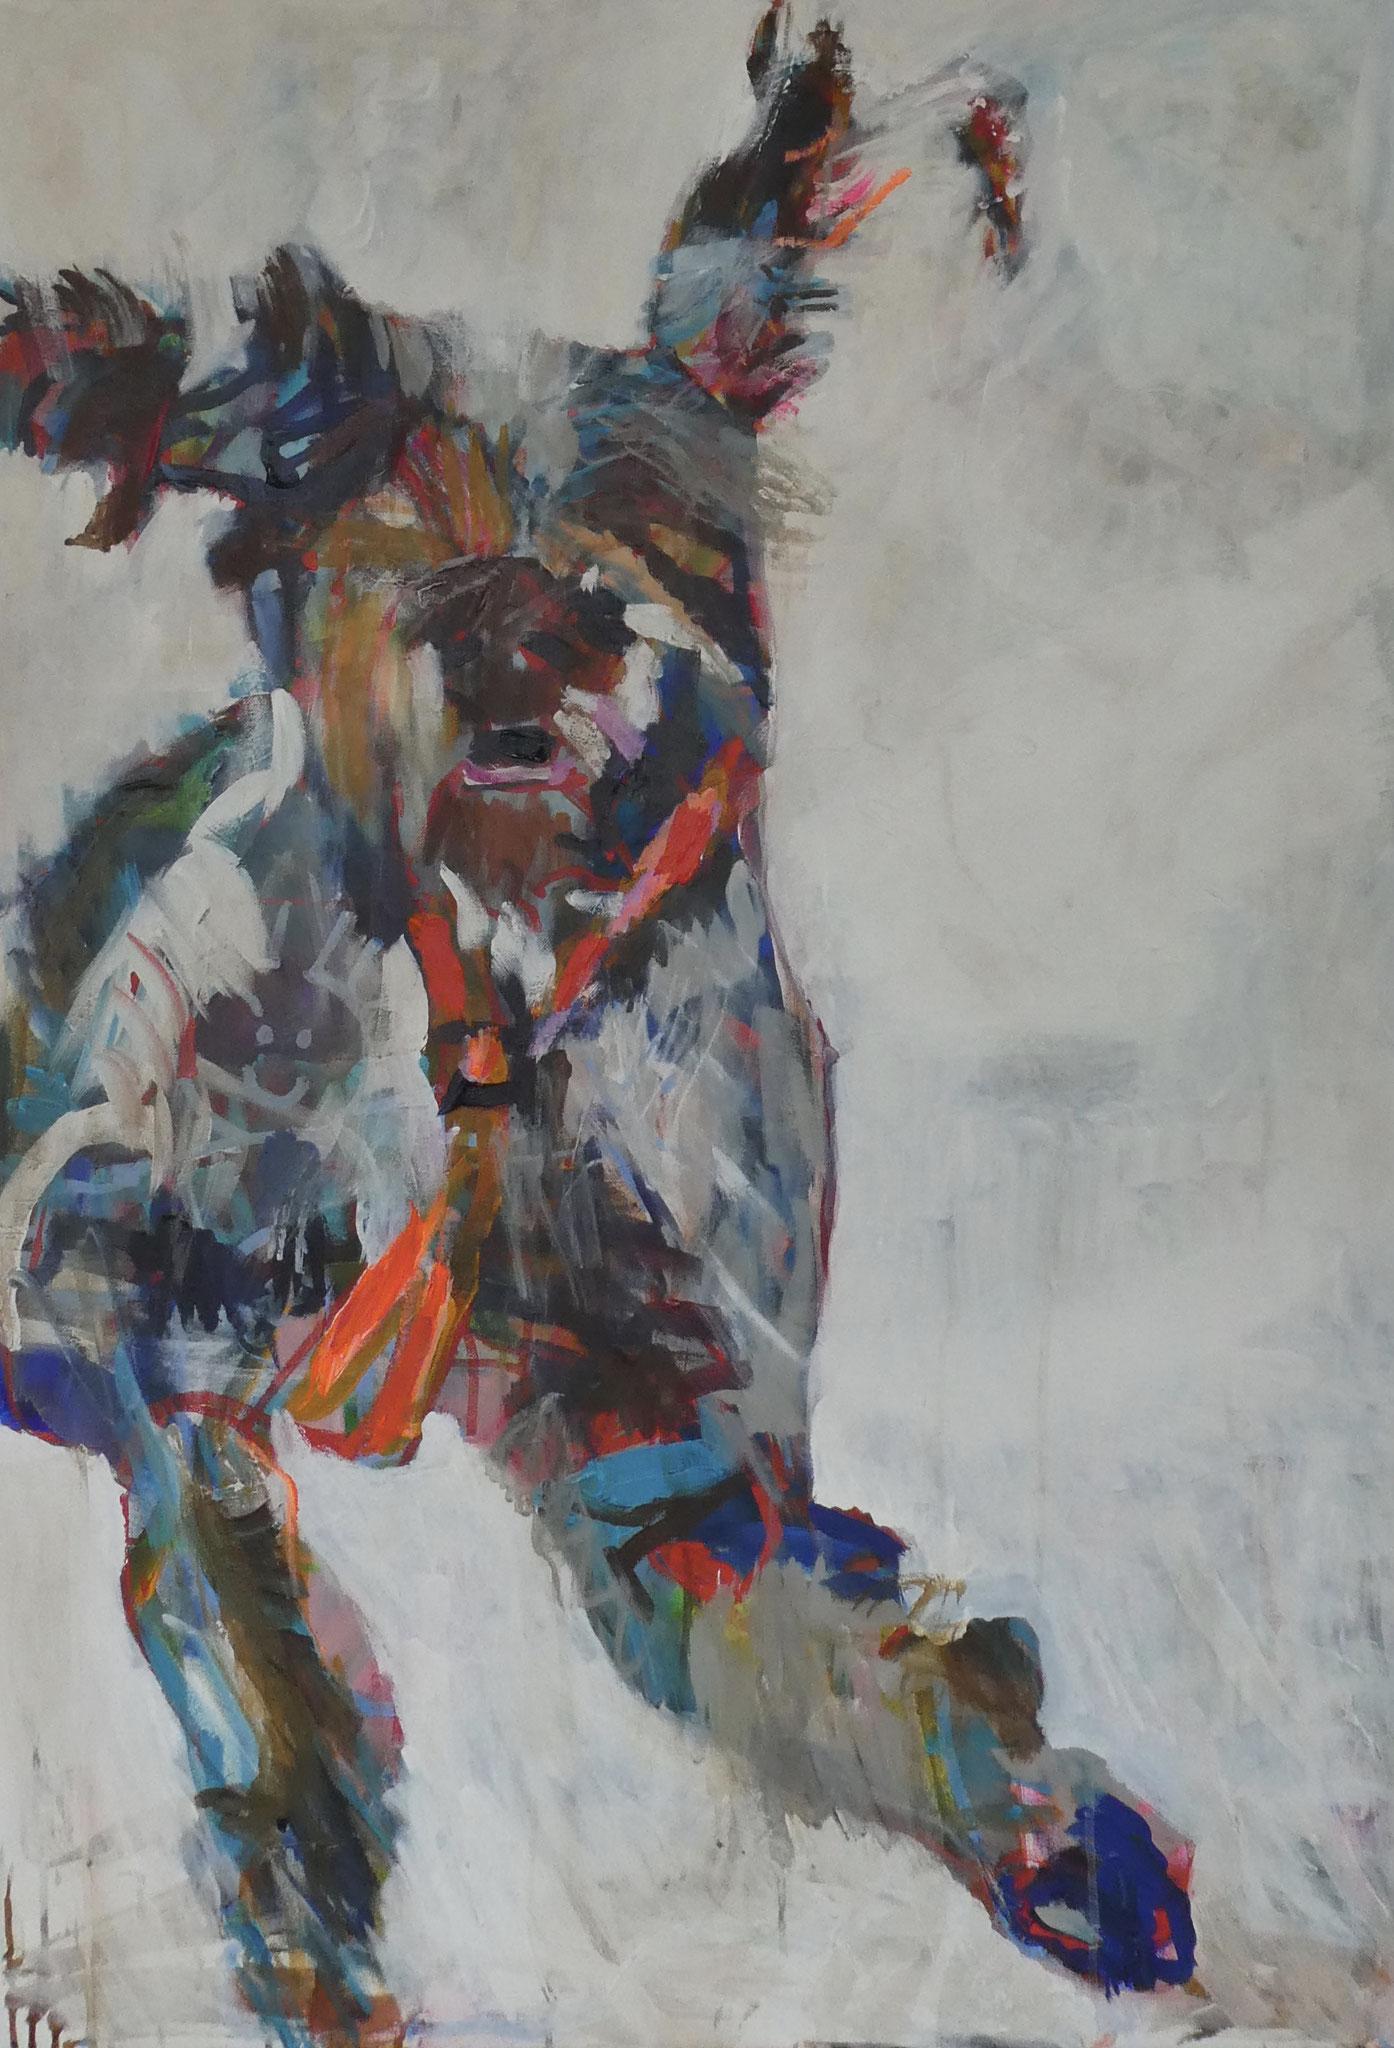 Hund 1, 100x70, acrylic on canvas